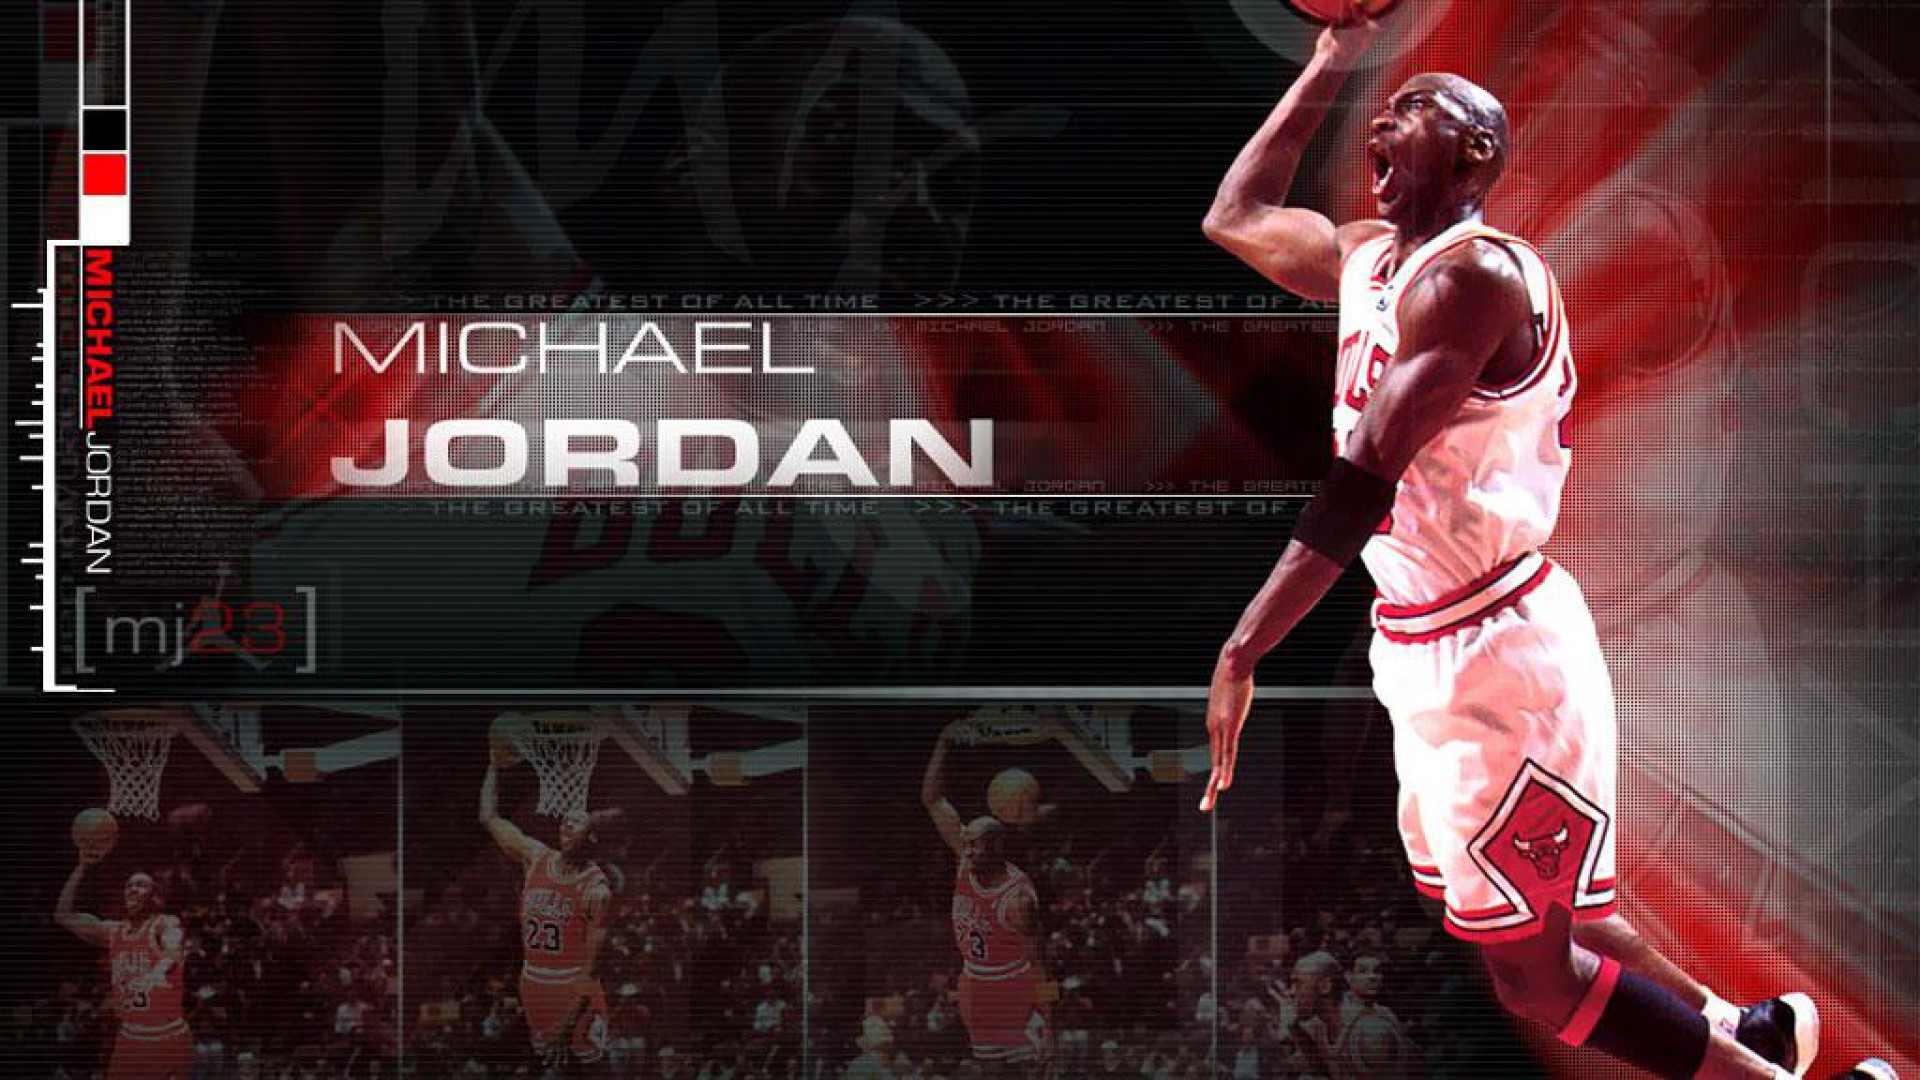 fonds d'écran michael jordan pc et tablettes